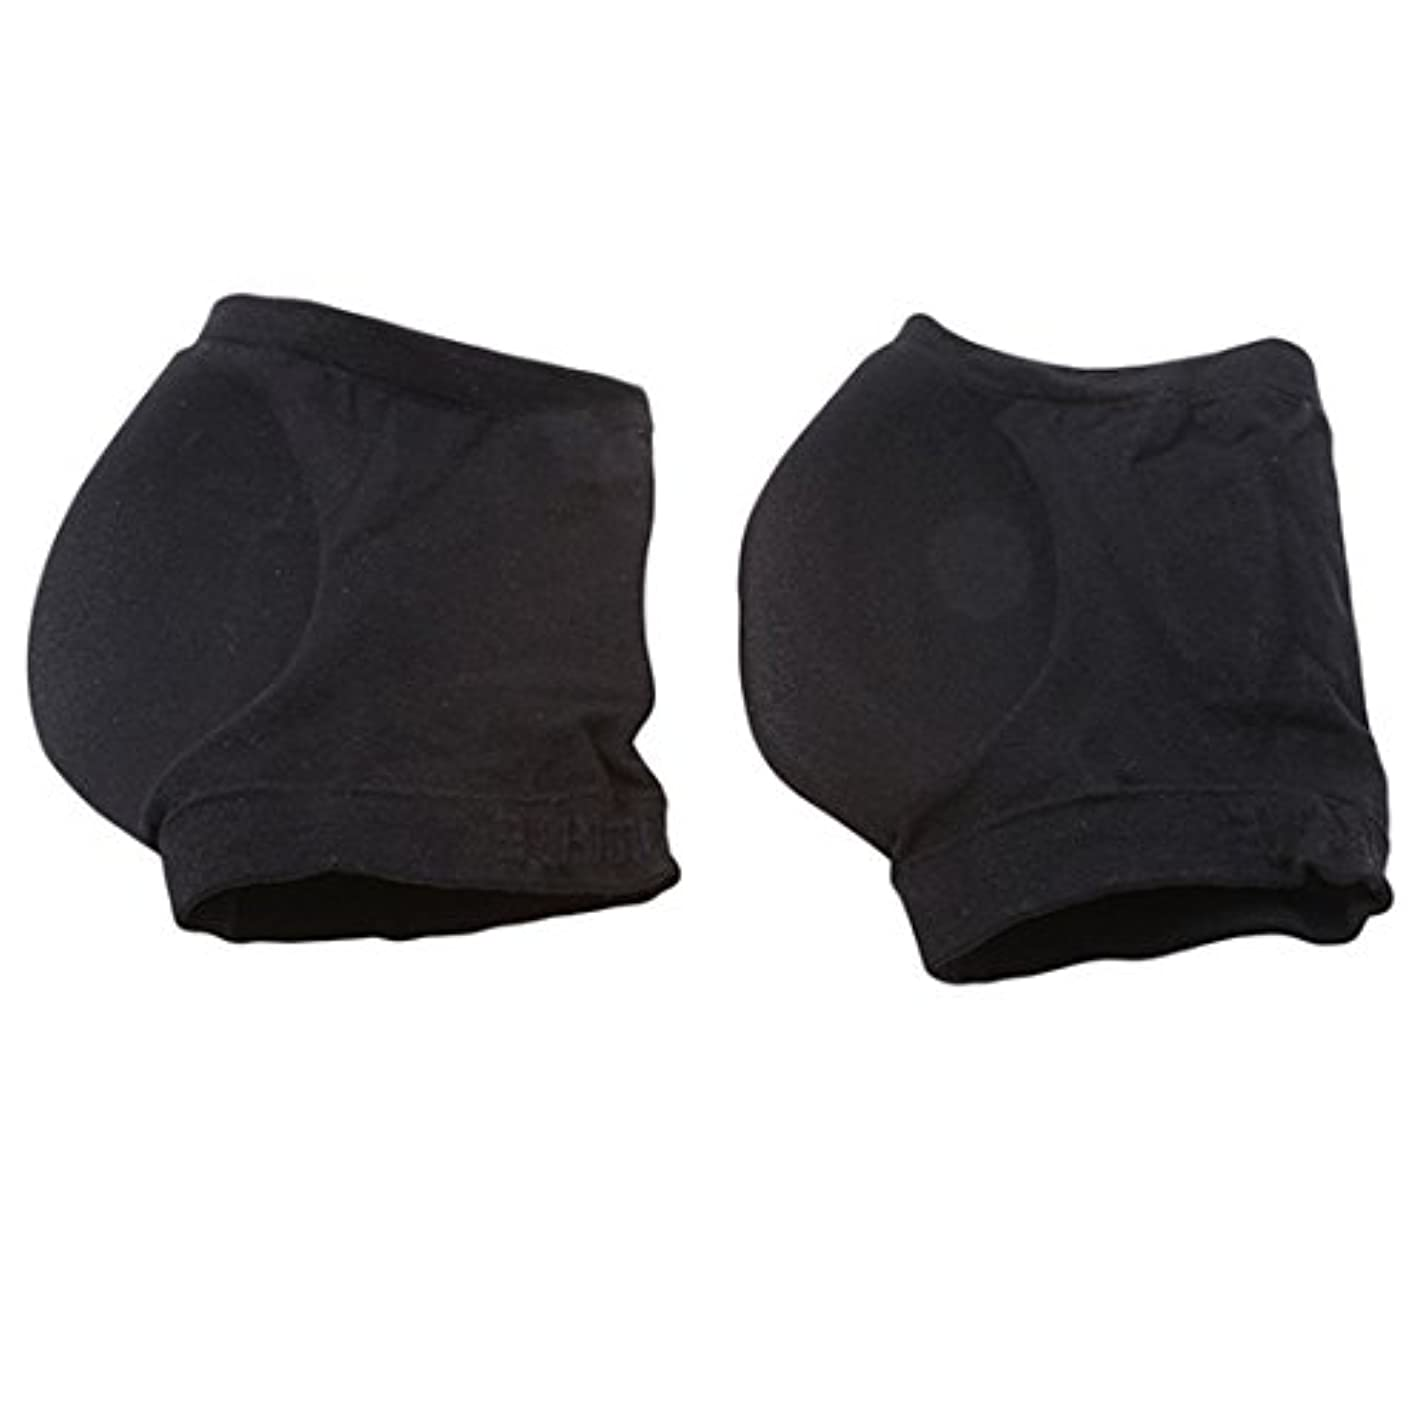 精度考古学葉を集めるKLUMA 靴下 かかと ソックス 角質ケア うるおい 保湿 角質除去 足ケア レディース メンズ